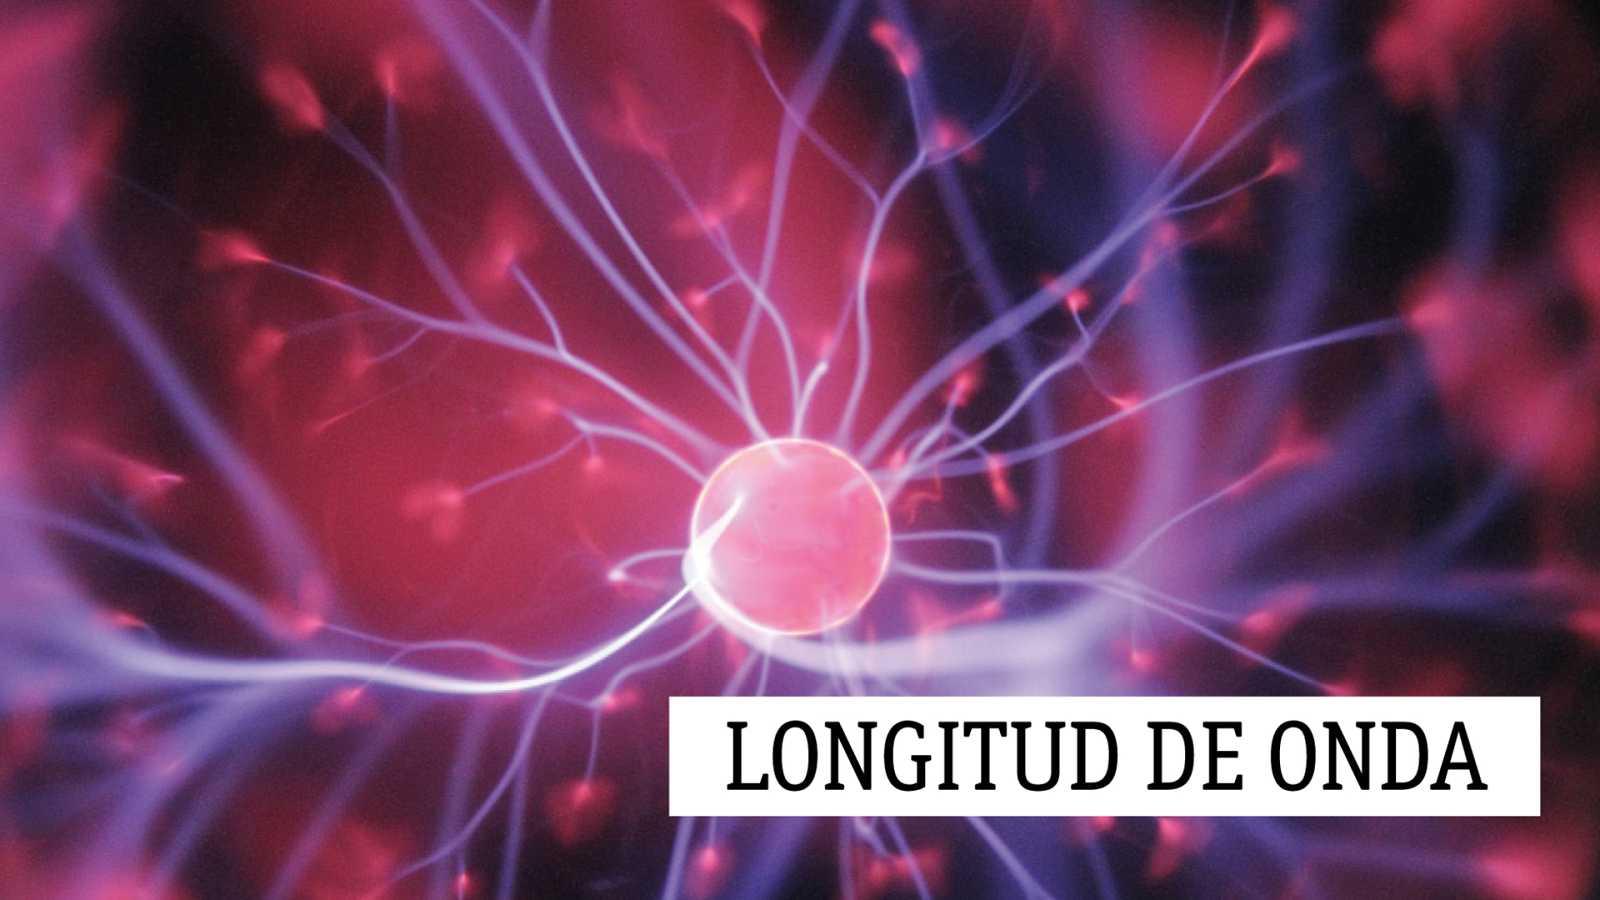 Longitud de onda - Músicas que provocan epilepsia - 27/04/21 - escuchar ahora